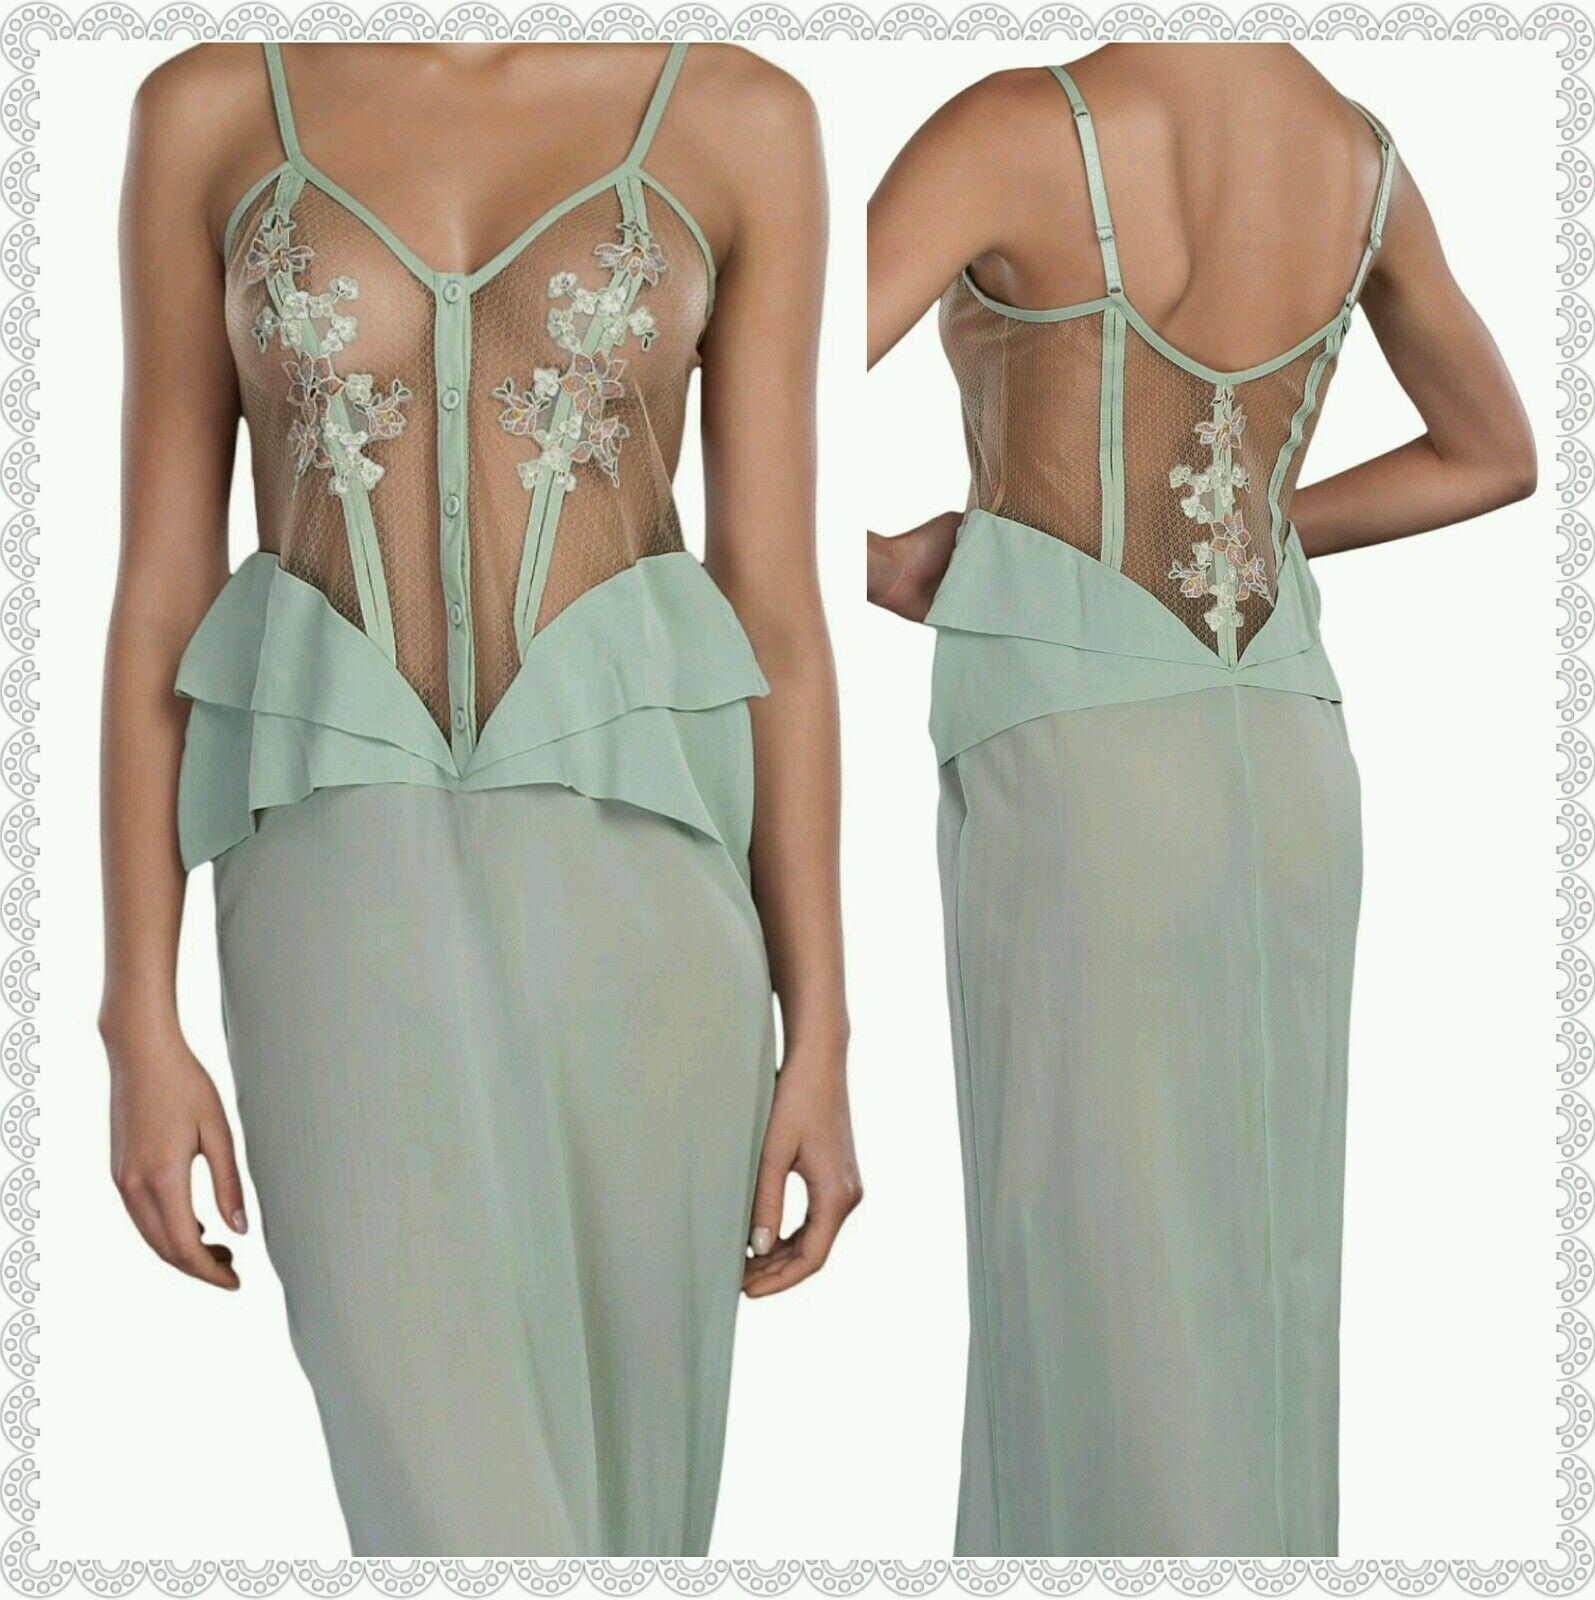 La Perla Lucia Camicia NOTTE Tulle Silk Long Nightgown MINT Green ...